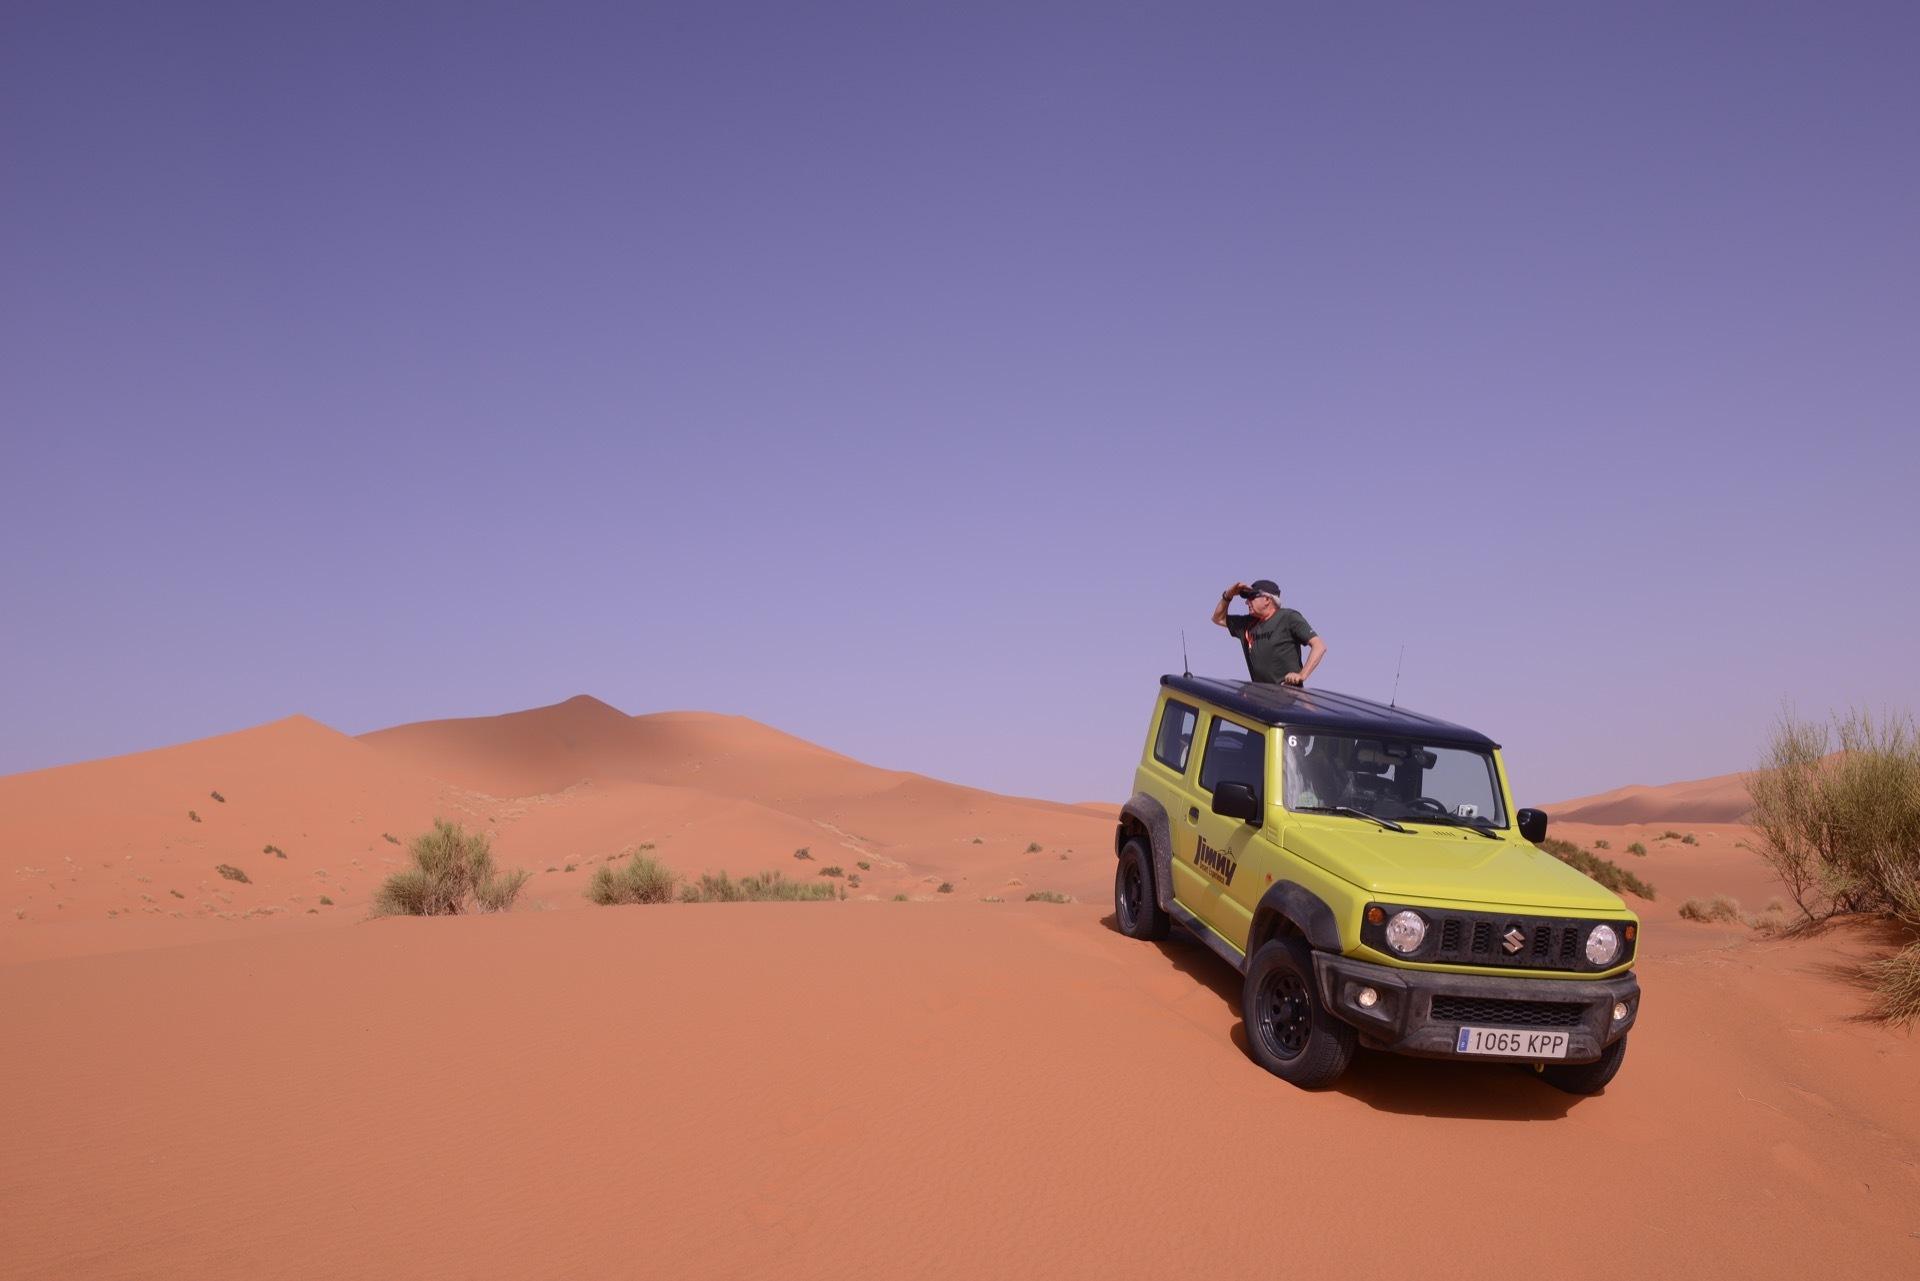 Suzuki Jimny Desert Experience 2019 00199